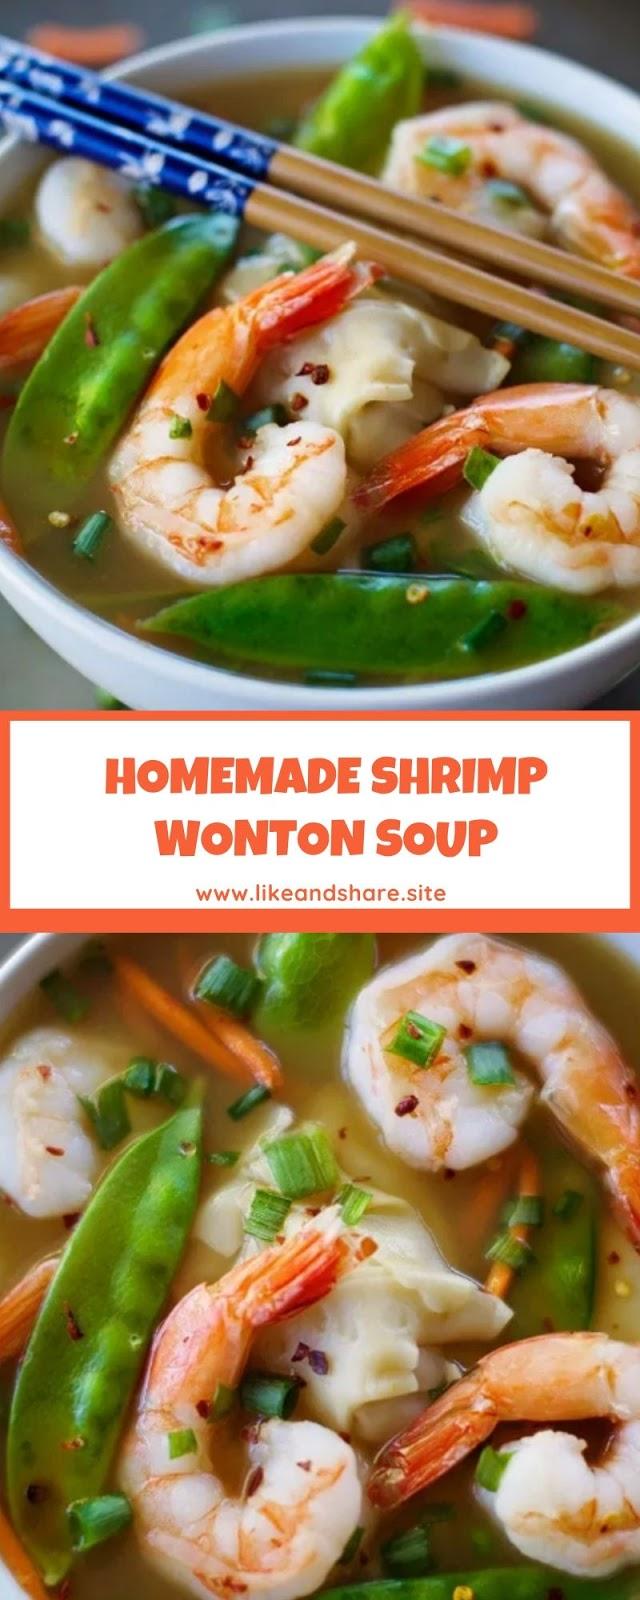 HOMEMADE SHRIMP WONTON SOUP